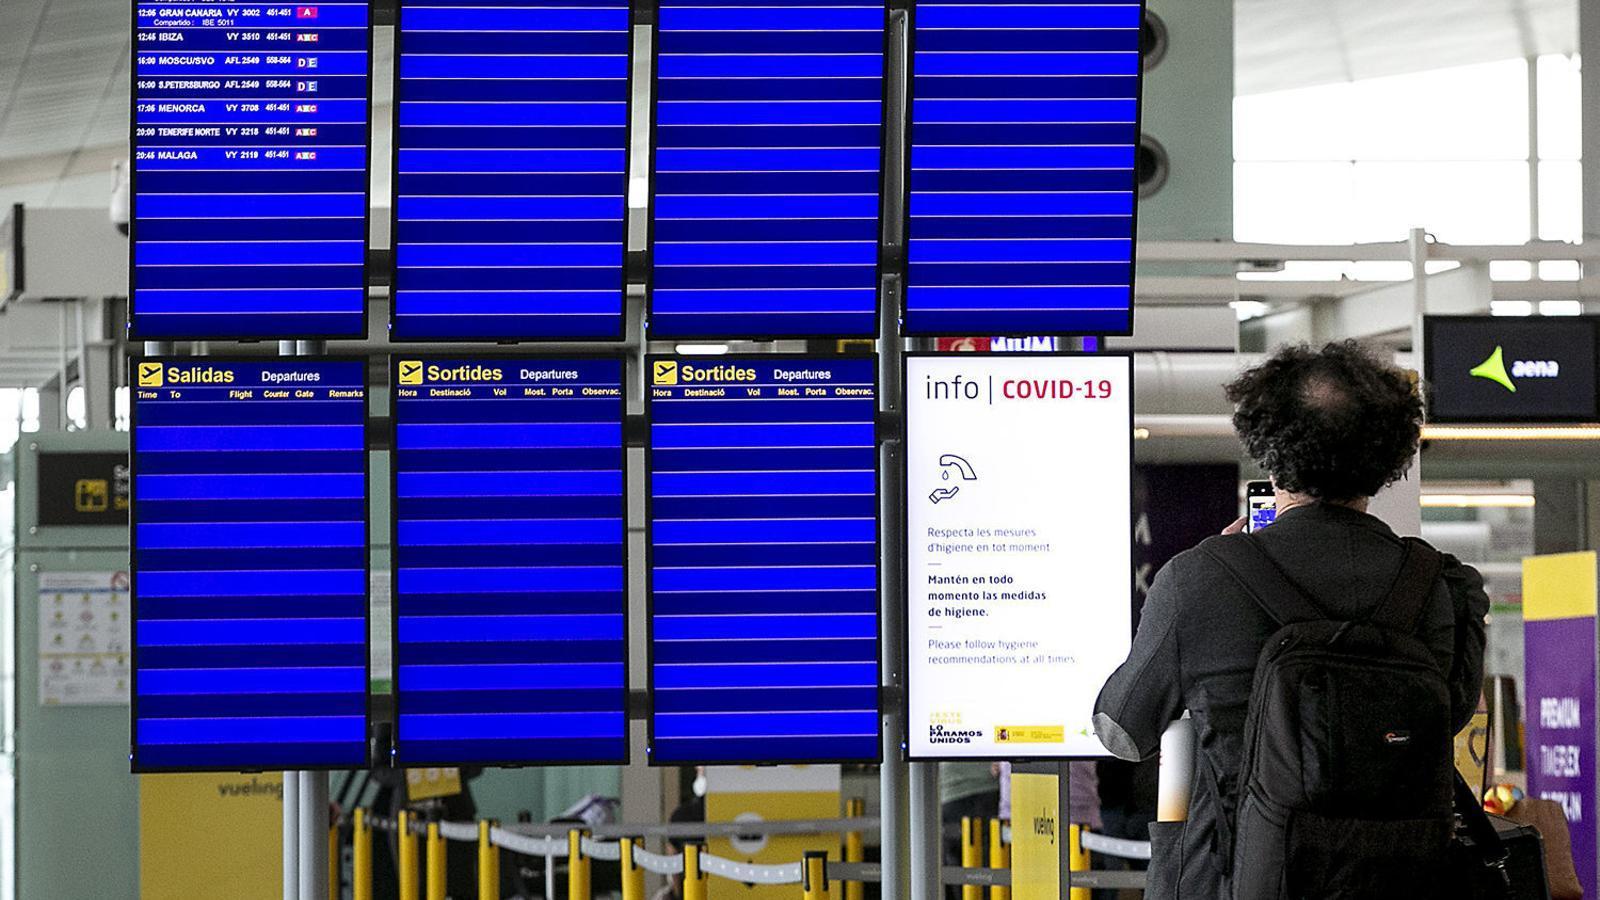 La majoria d'aerolínies europees tenen previst tornar a operar a partir de juliol .